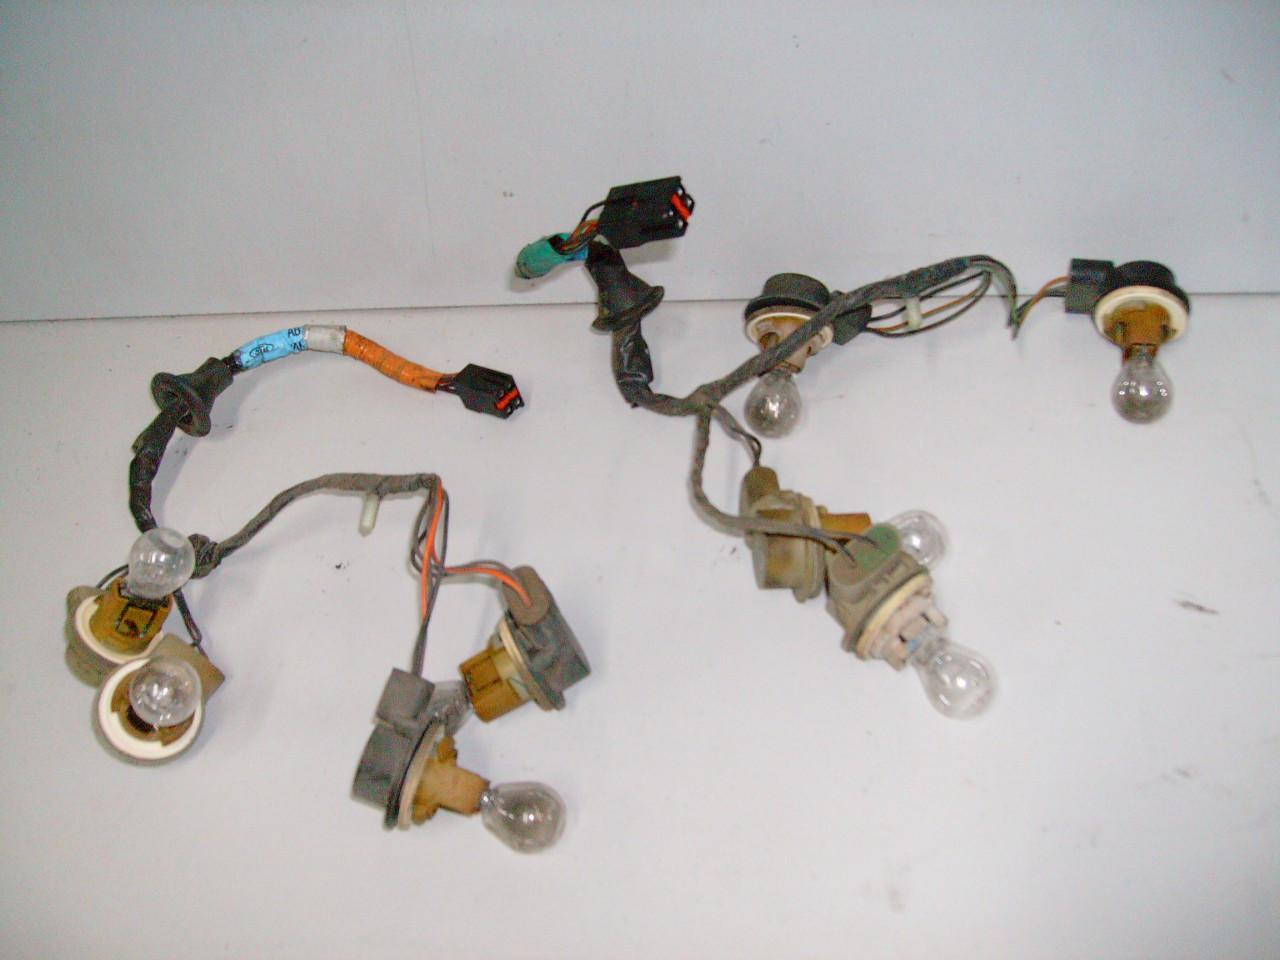 1971 mustang wiring harnes [ 1280 x 960 Pixel ]